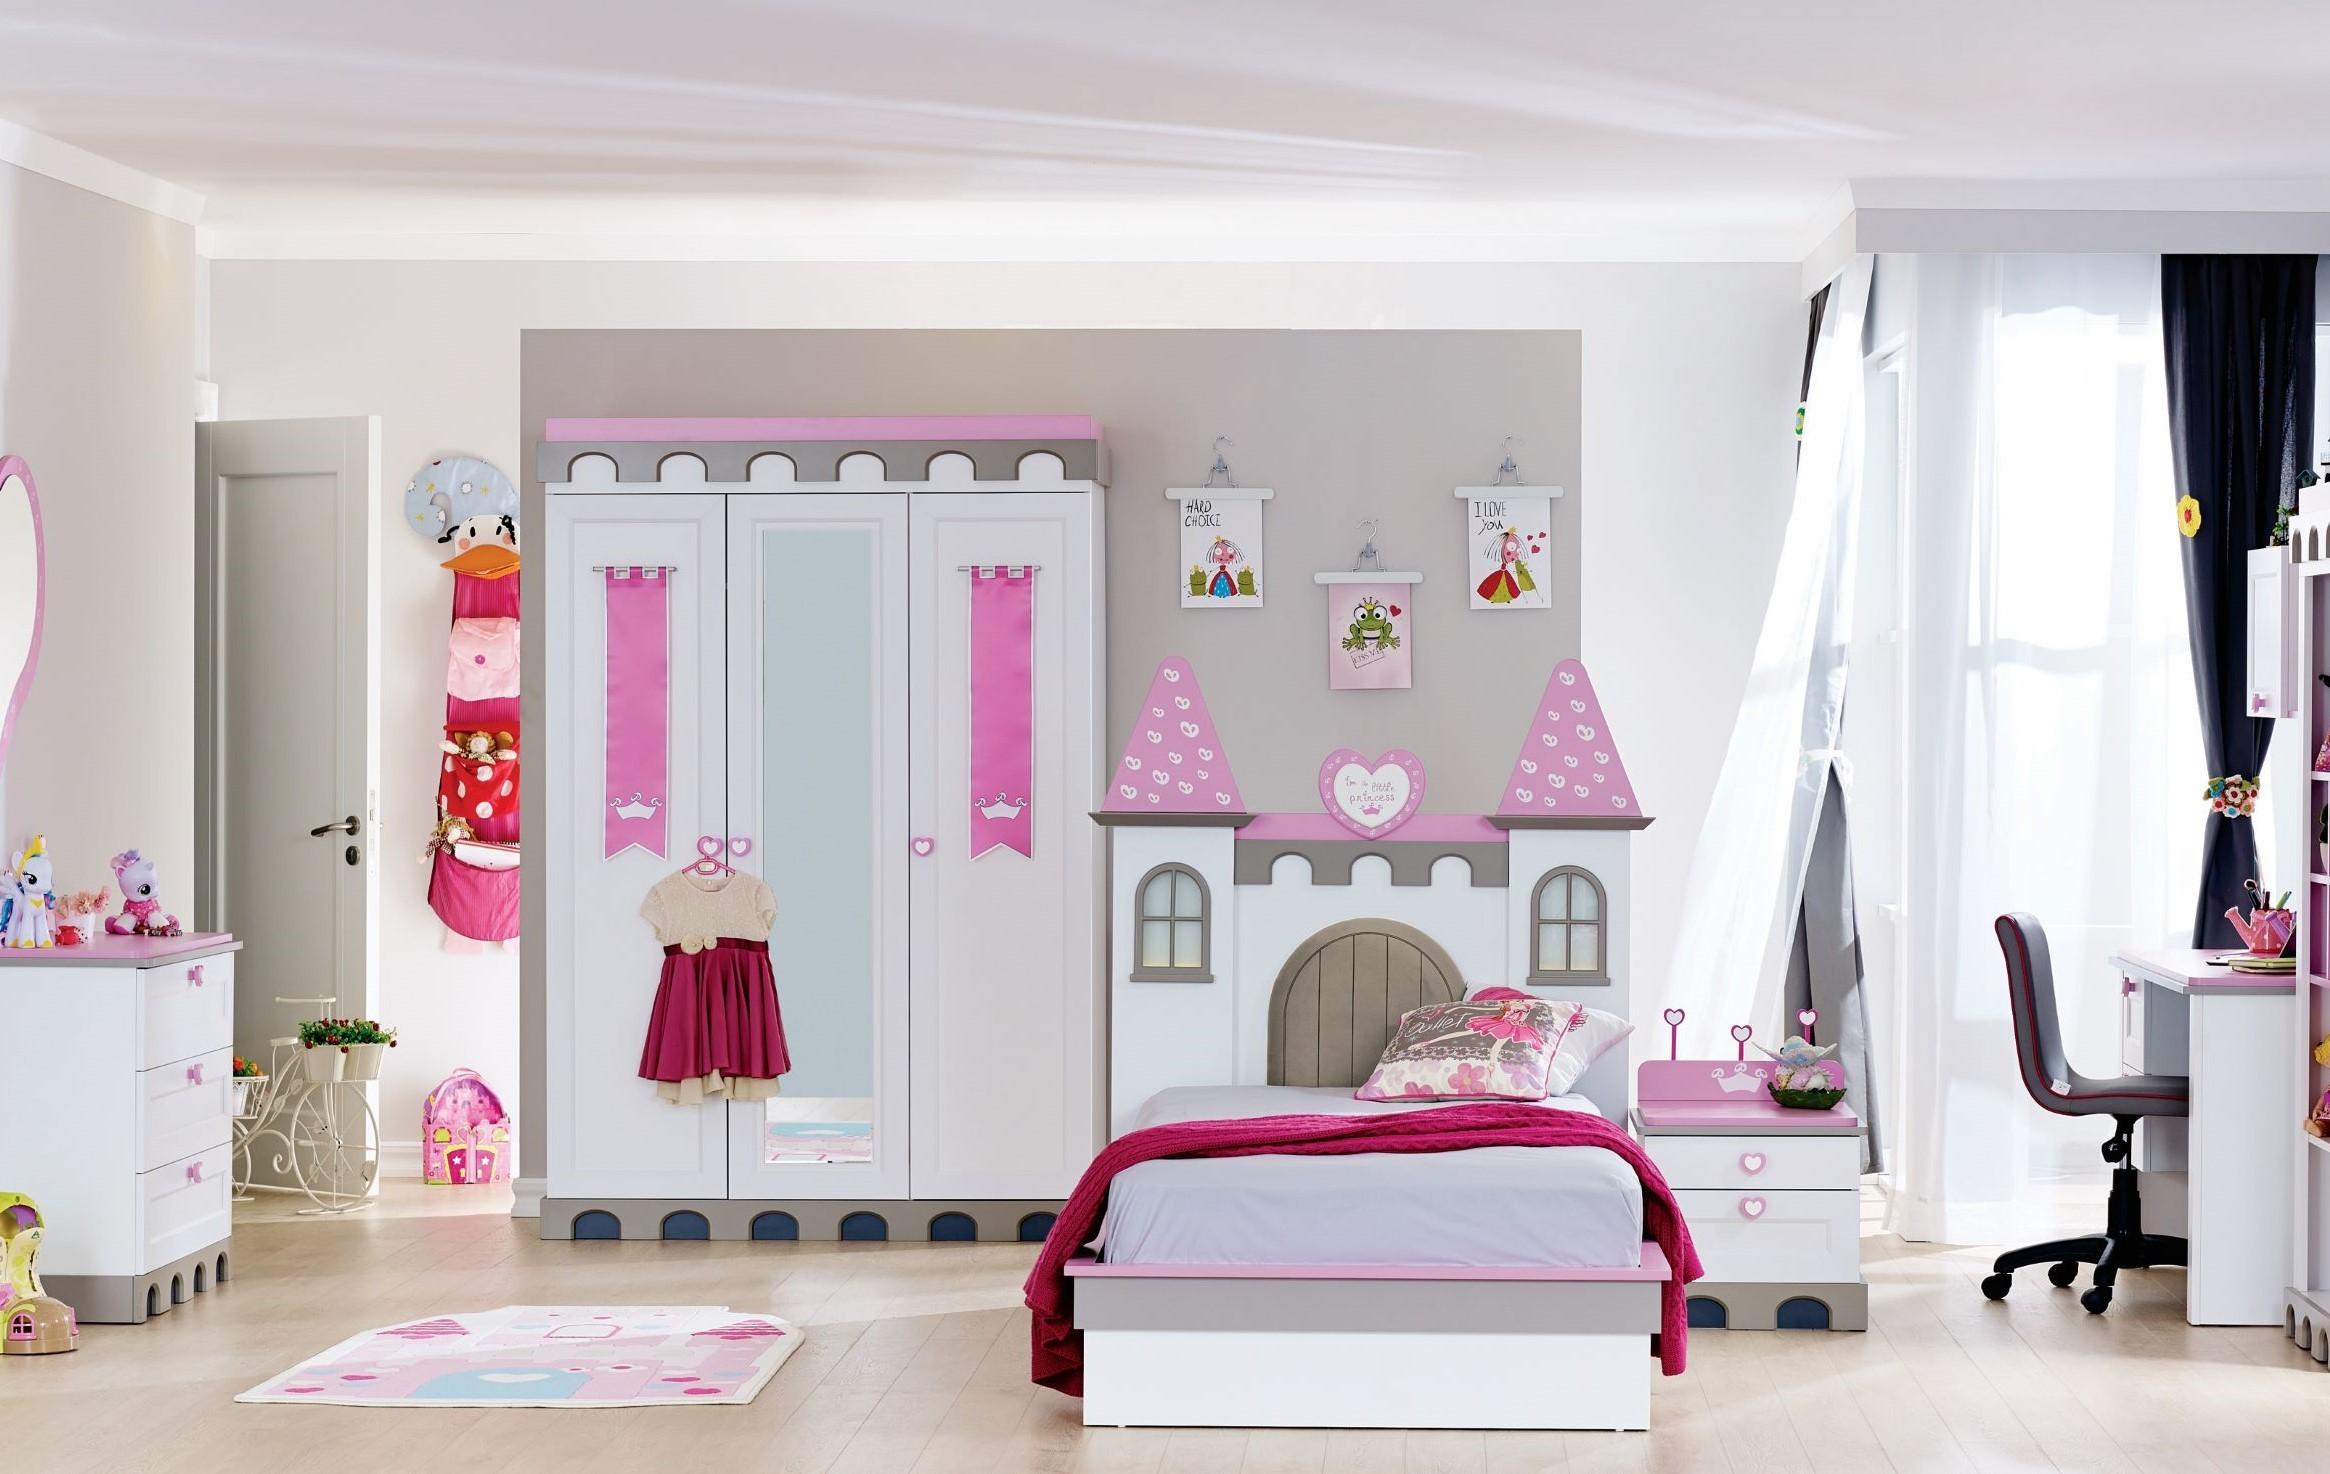 Castle-Hercegnős Gyerekszoba Bútor